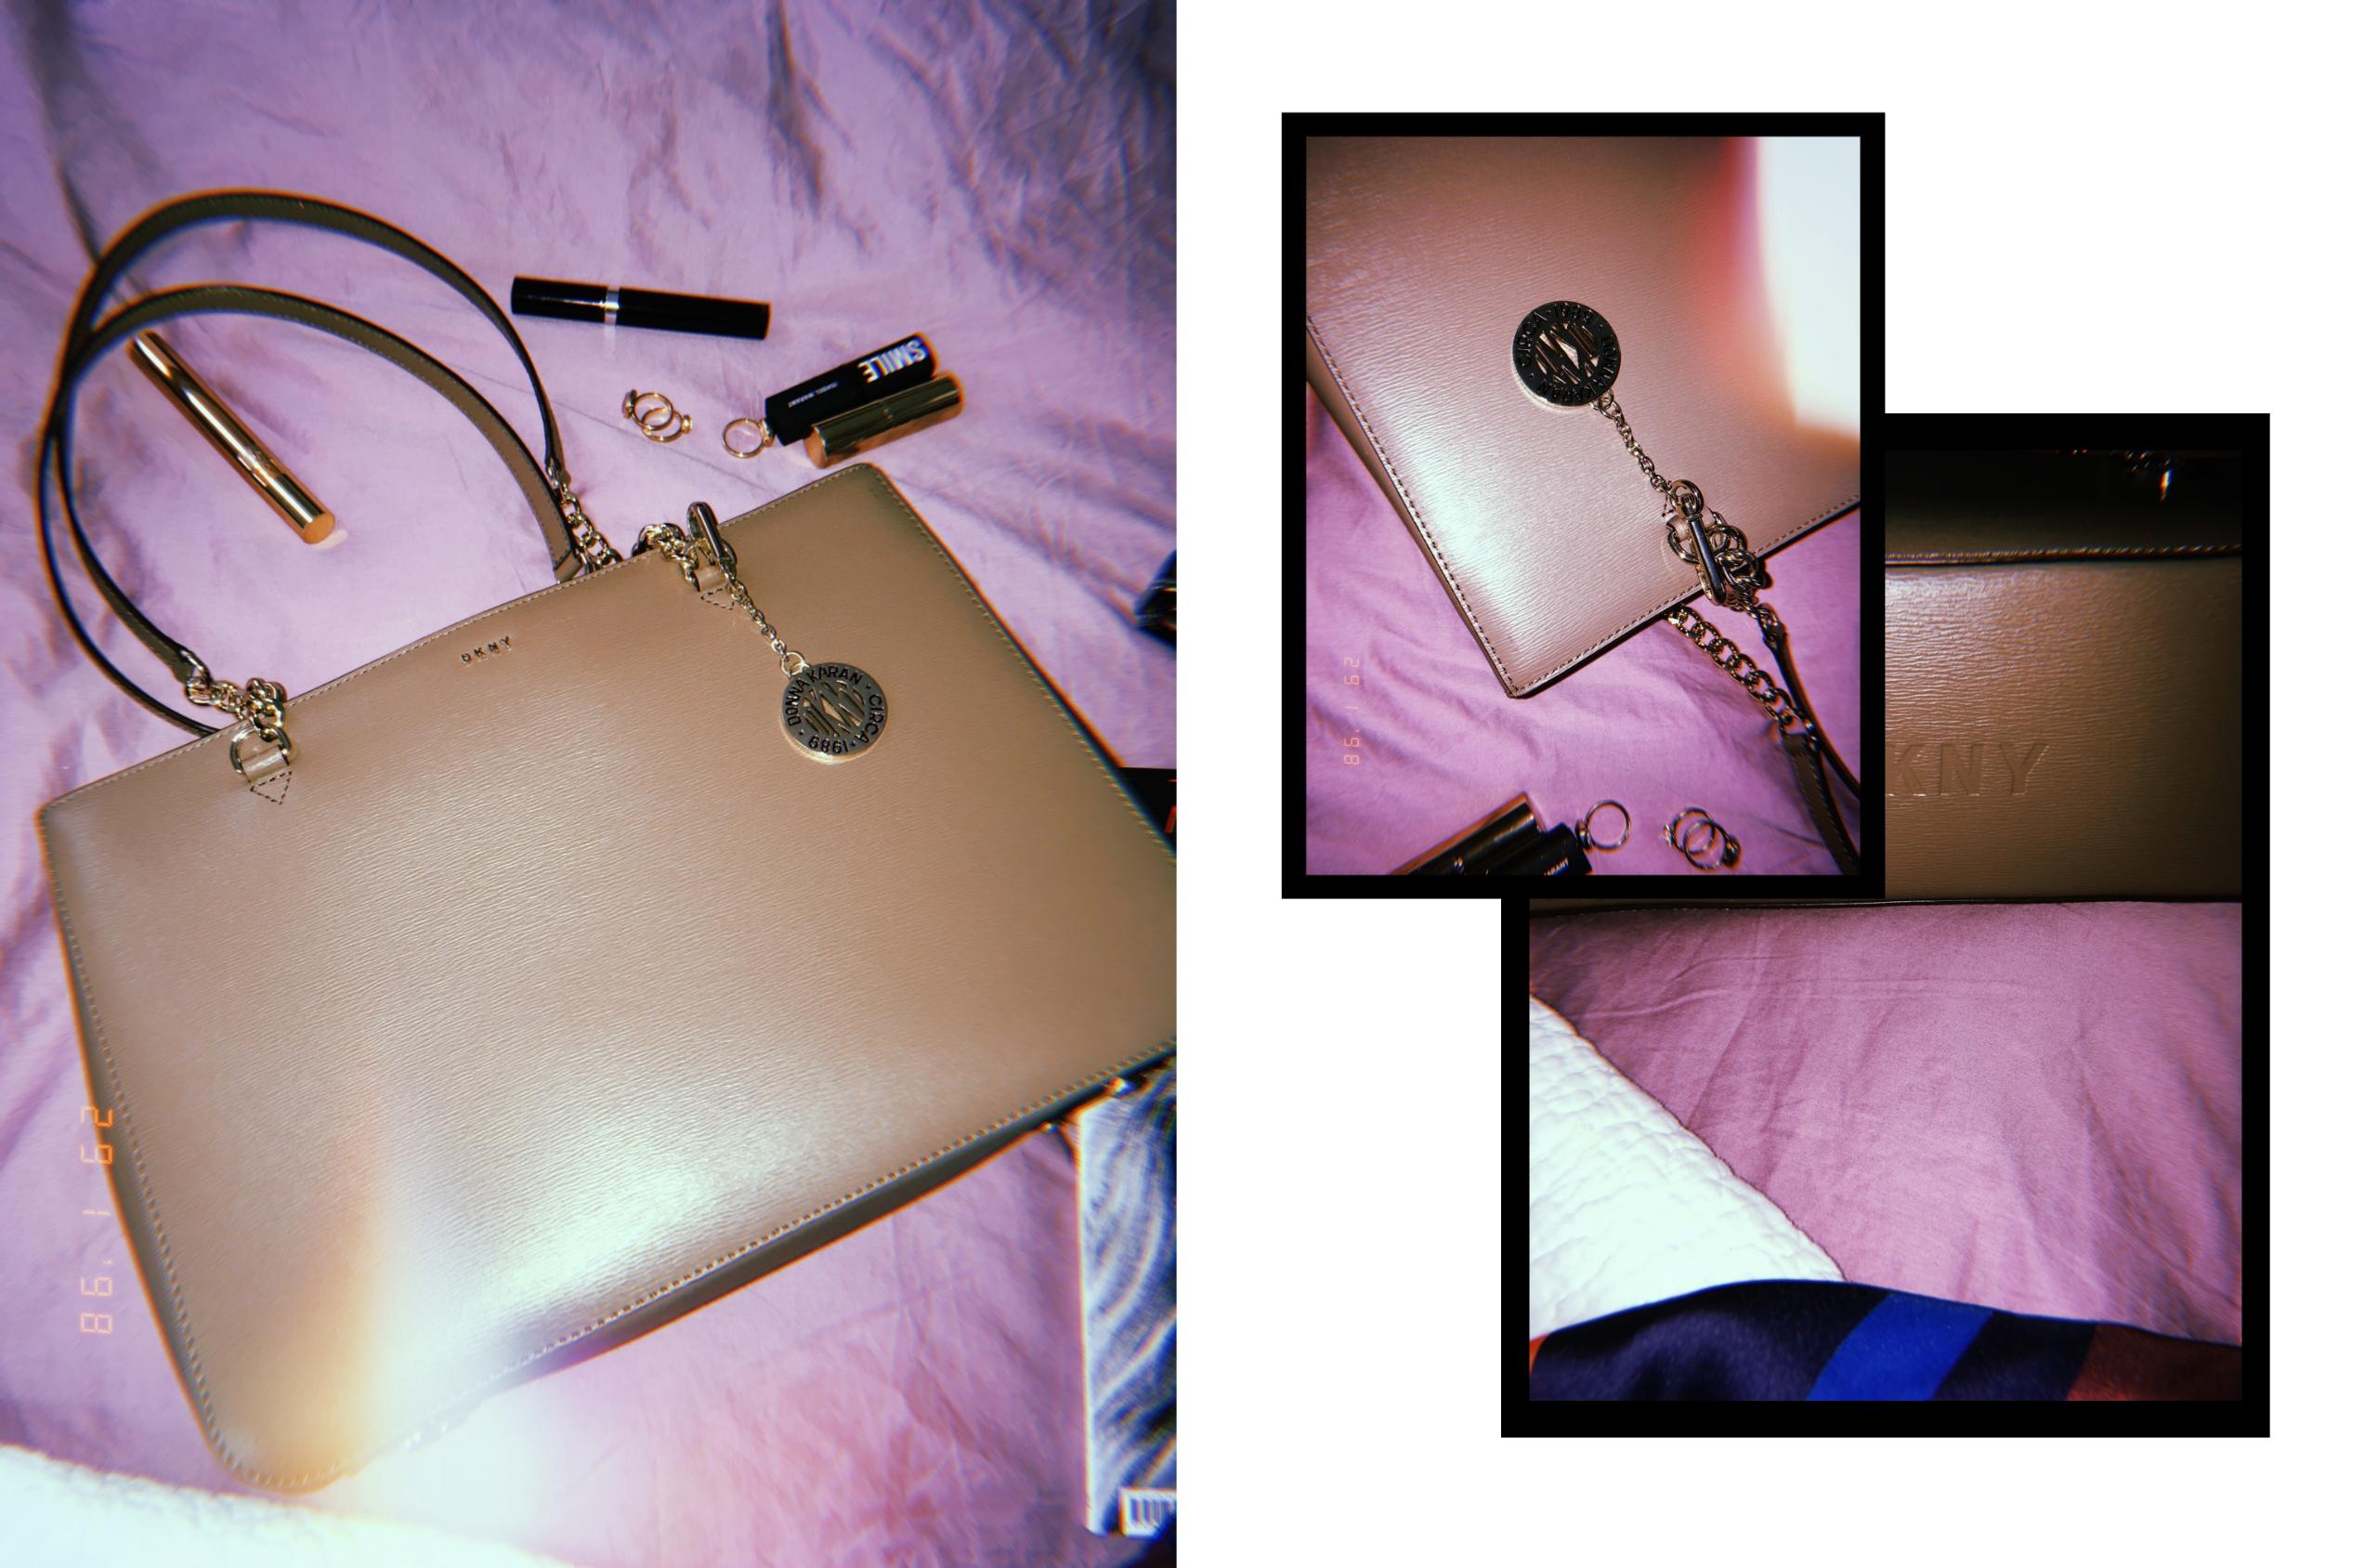 Obraz przedstawia trzy zdjęcia brązowej torebki. Dwa z nich są mniejszej wielkości i nachodzą na siebie.